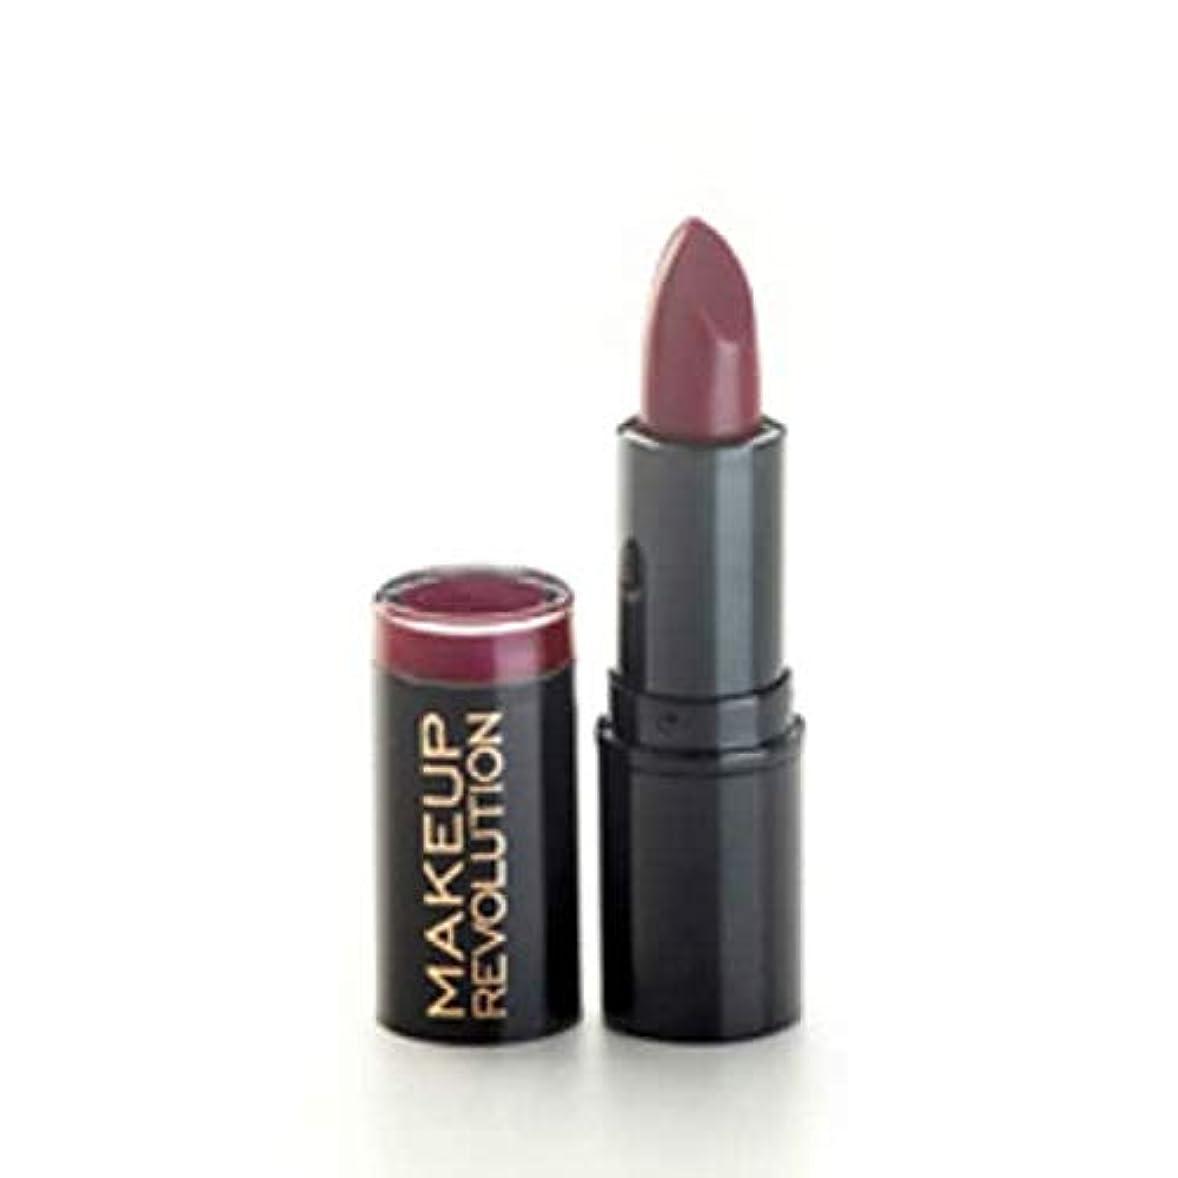 最小化する海岸コーナー[Revolution ] 原因と革命Vampコレクションの口紅の反乱 - Revolution Vamp Collection Lipstick Rebel with Cause [並行輸入品]